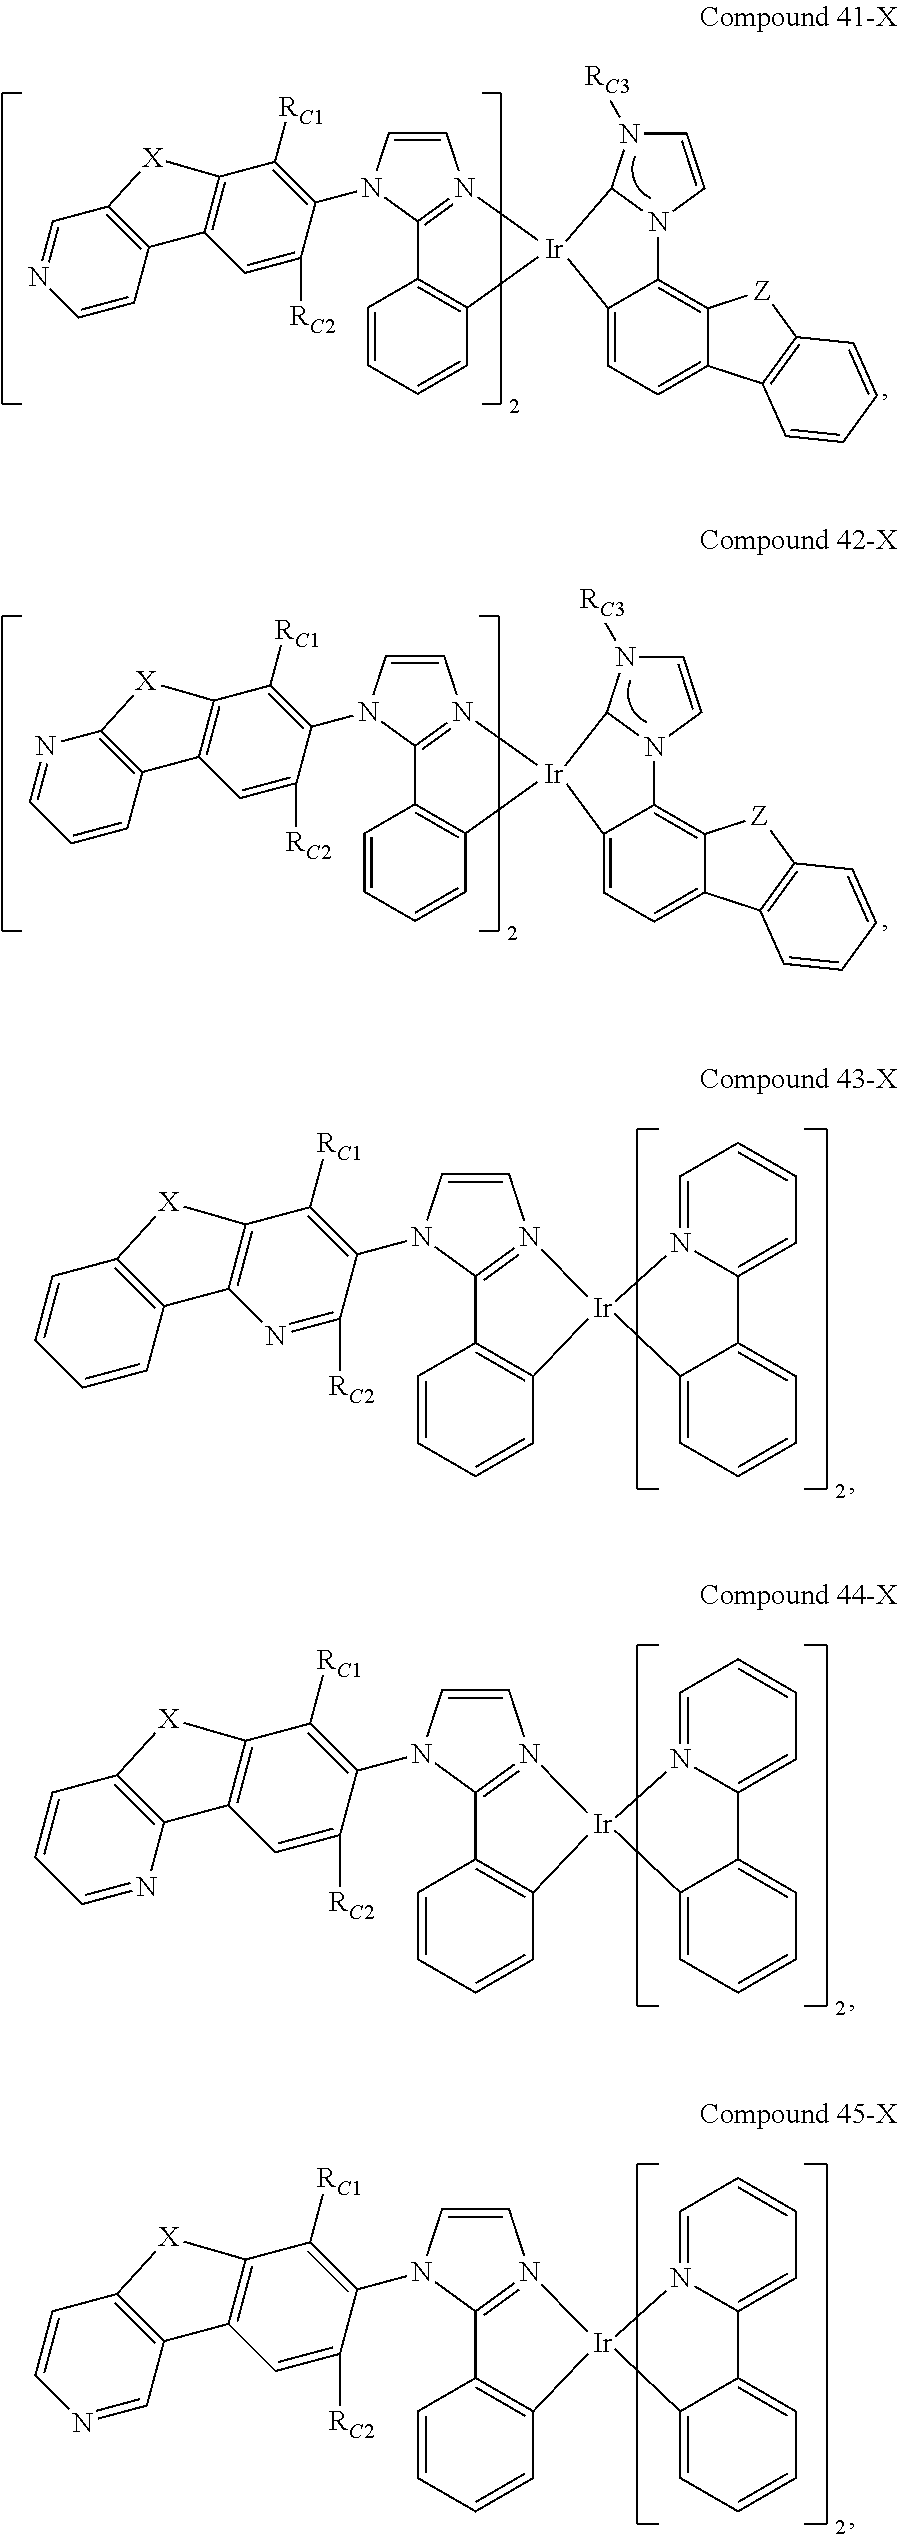 Figure US09978958-20180522-C00014